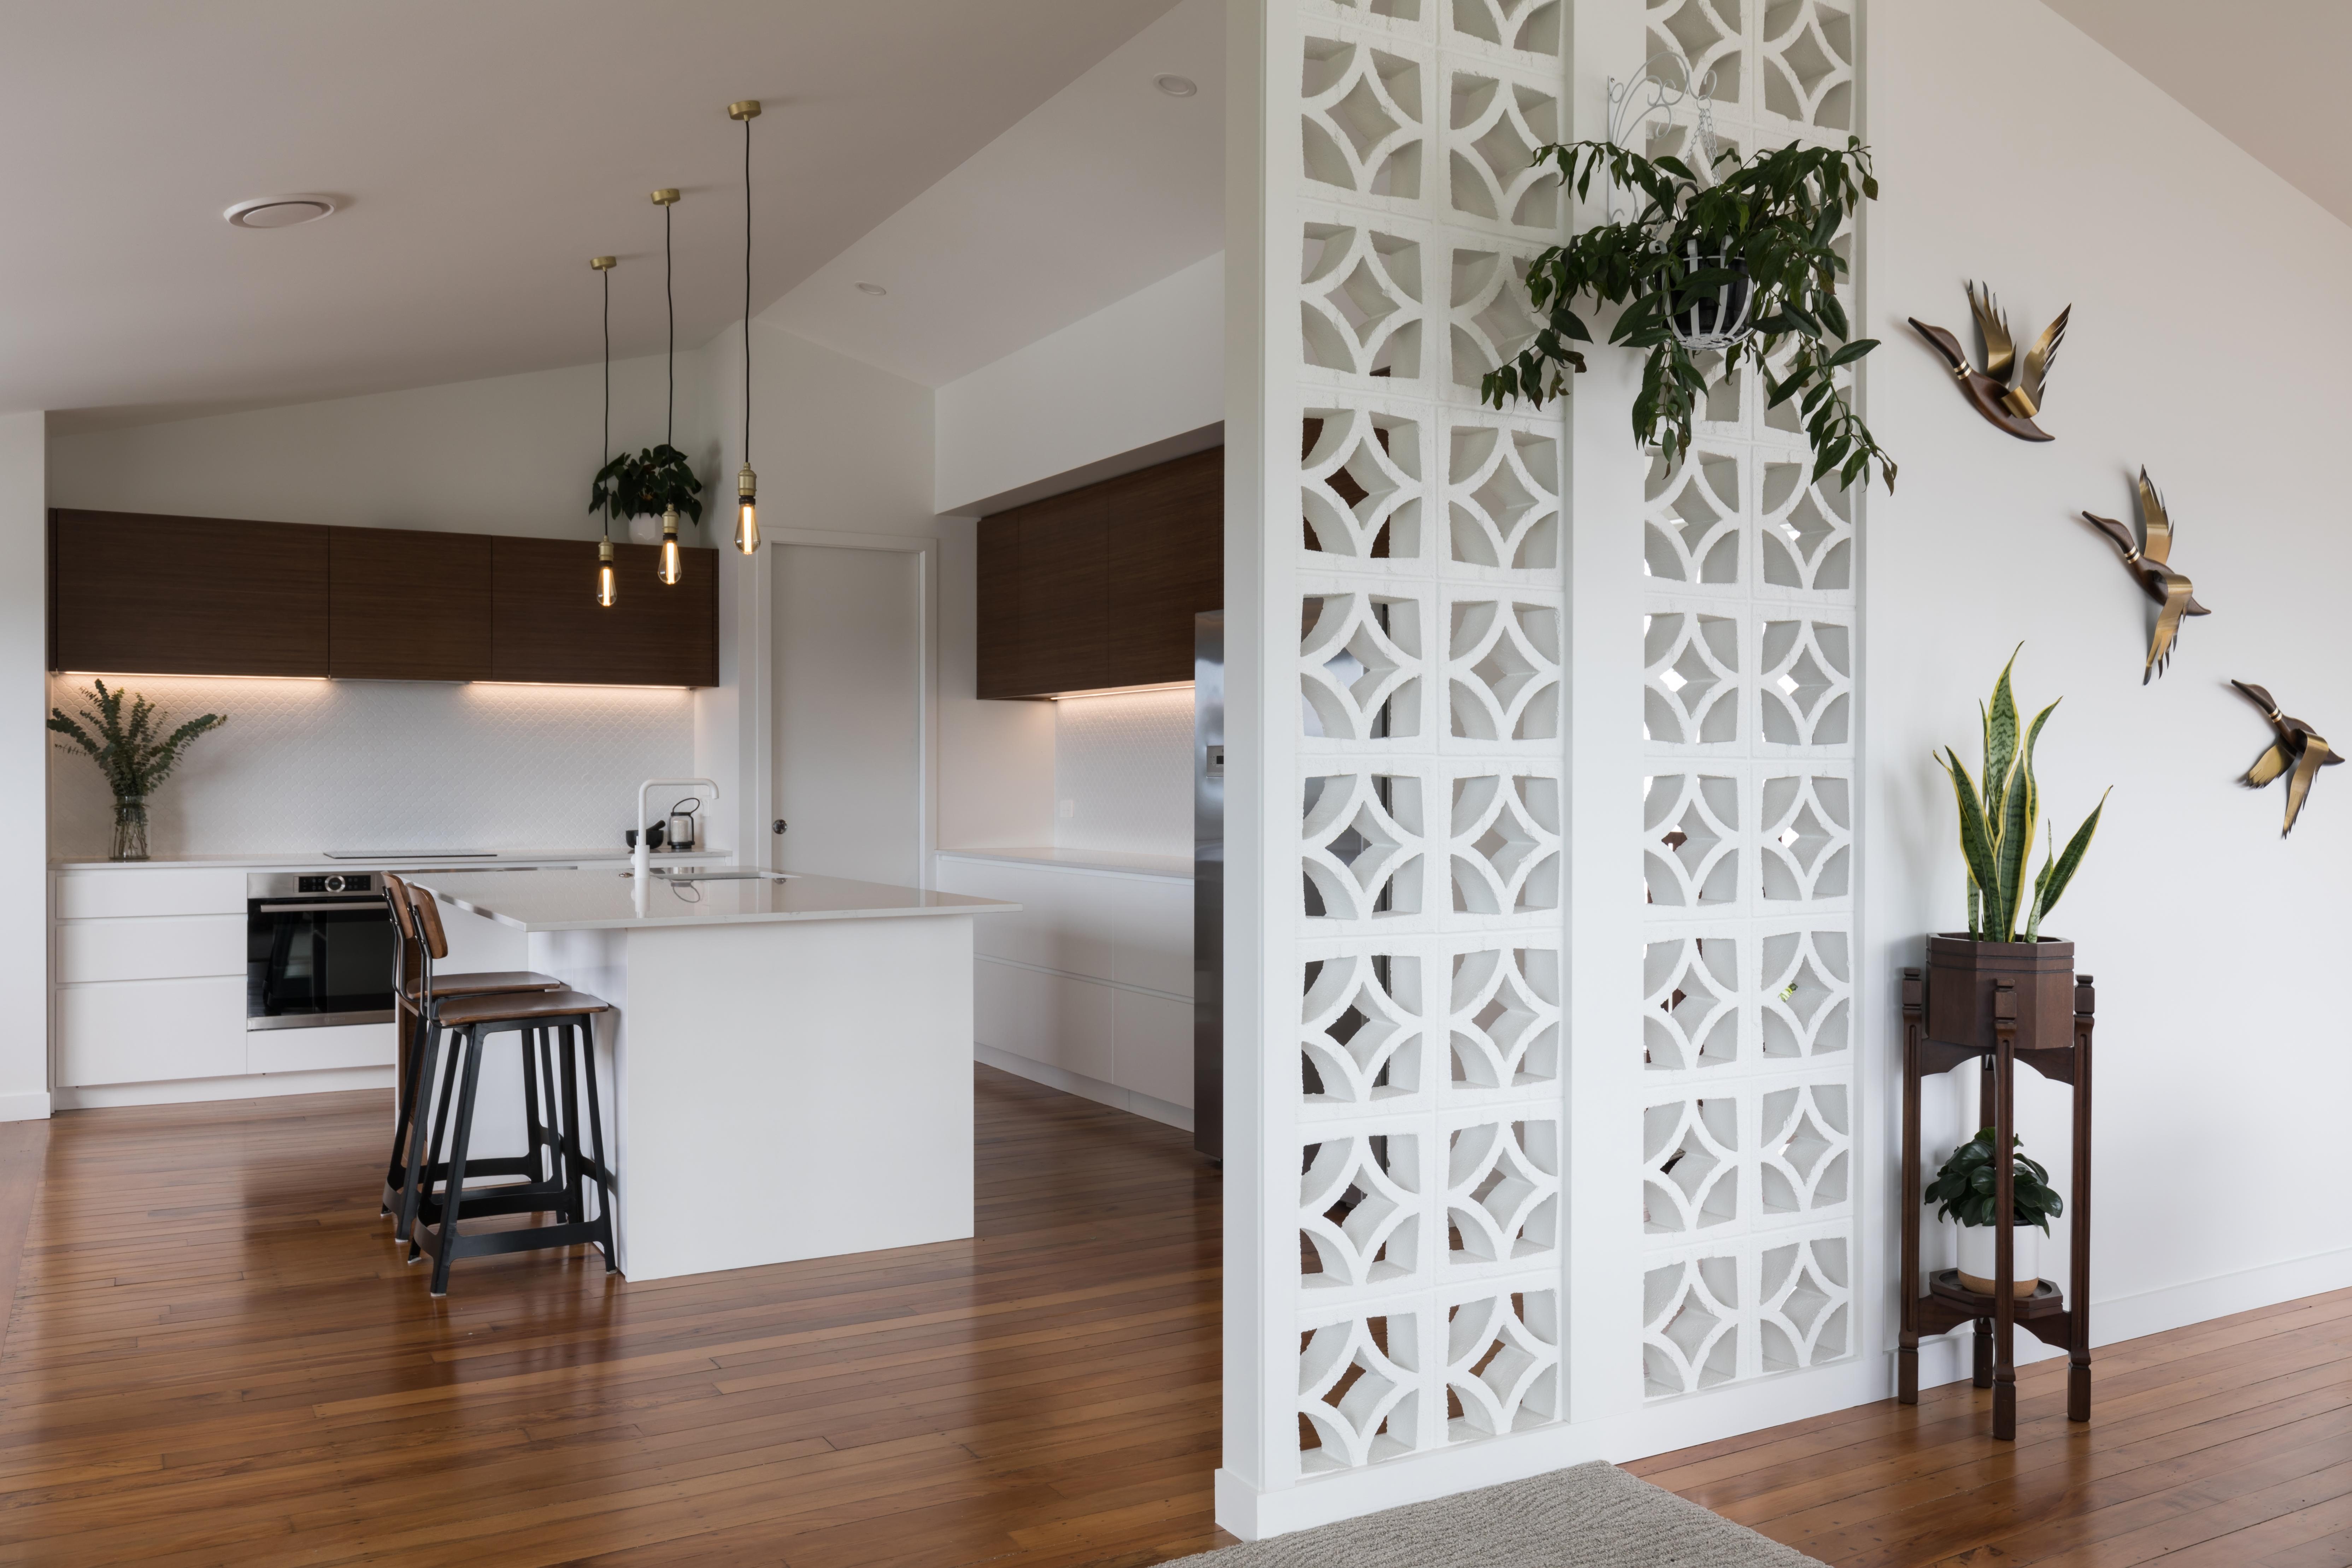 Kitchen Breeze Blocks